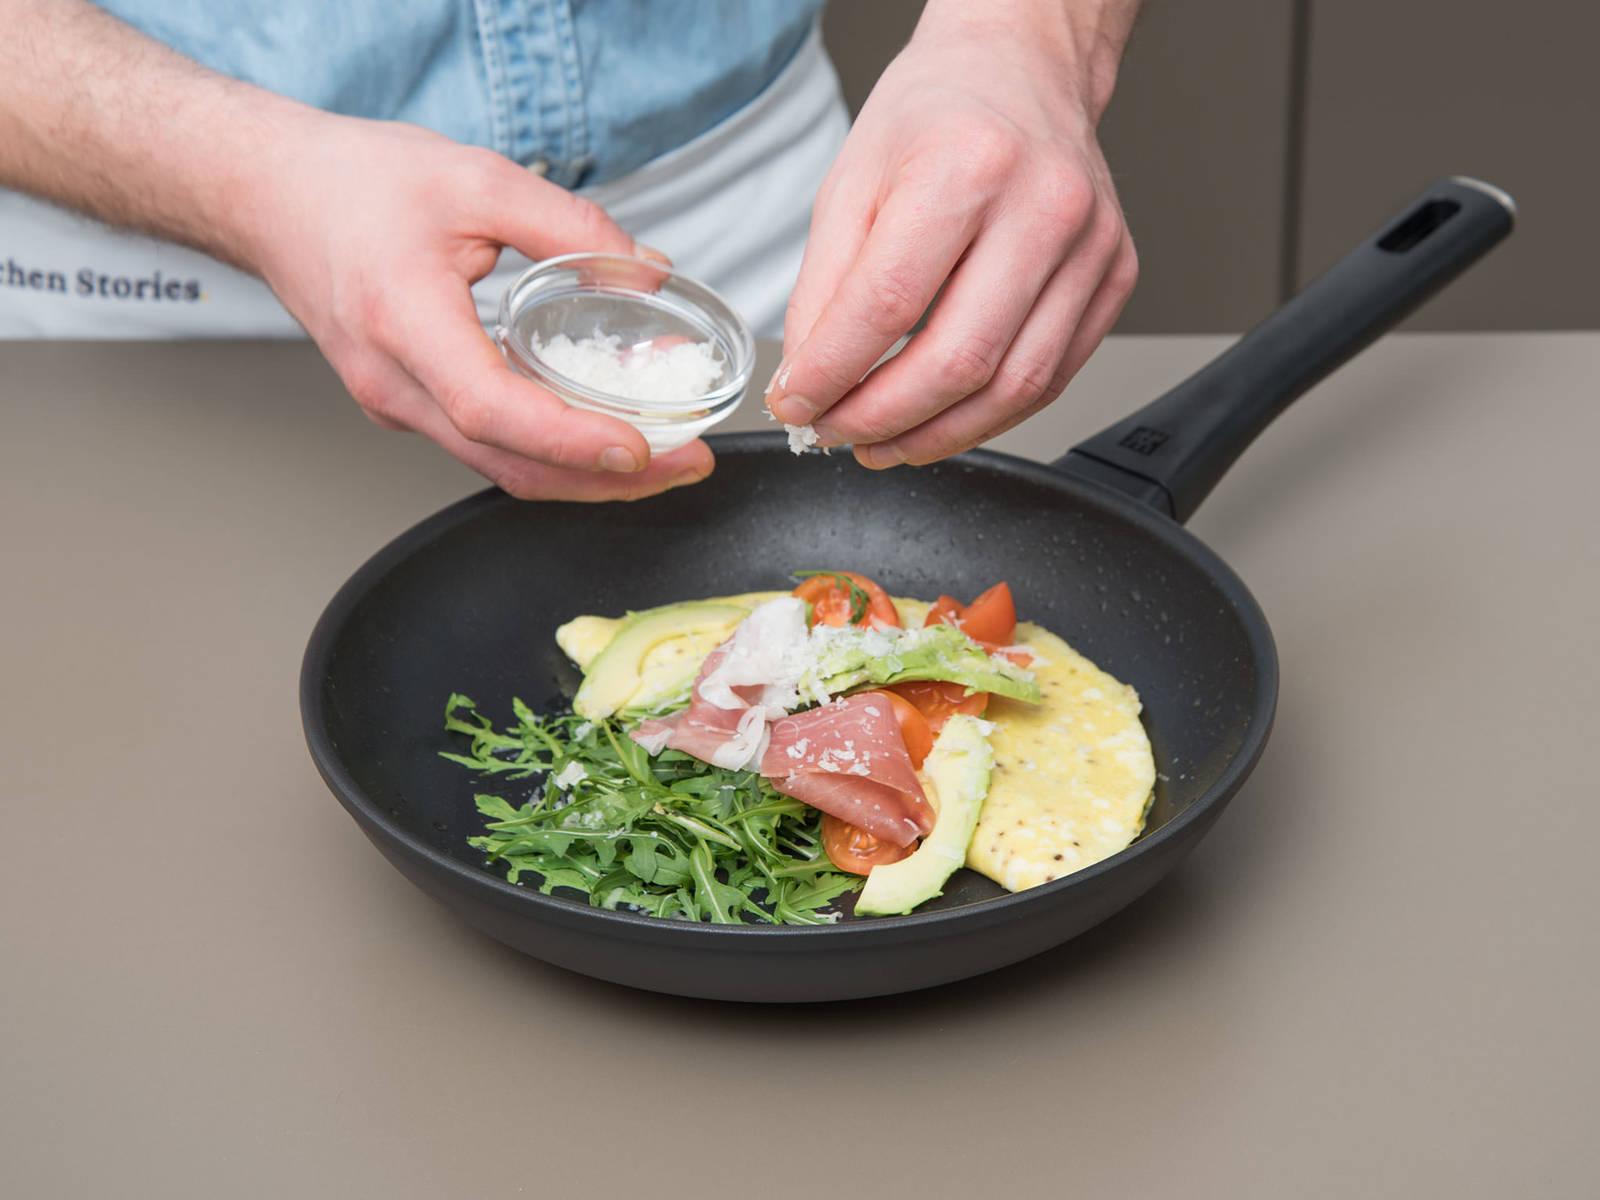 关火取下煎锅。佐以芝麻菜、番茄、熏火腿和牛油果。饰以帕马森干酪屑,趁热享用吧!